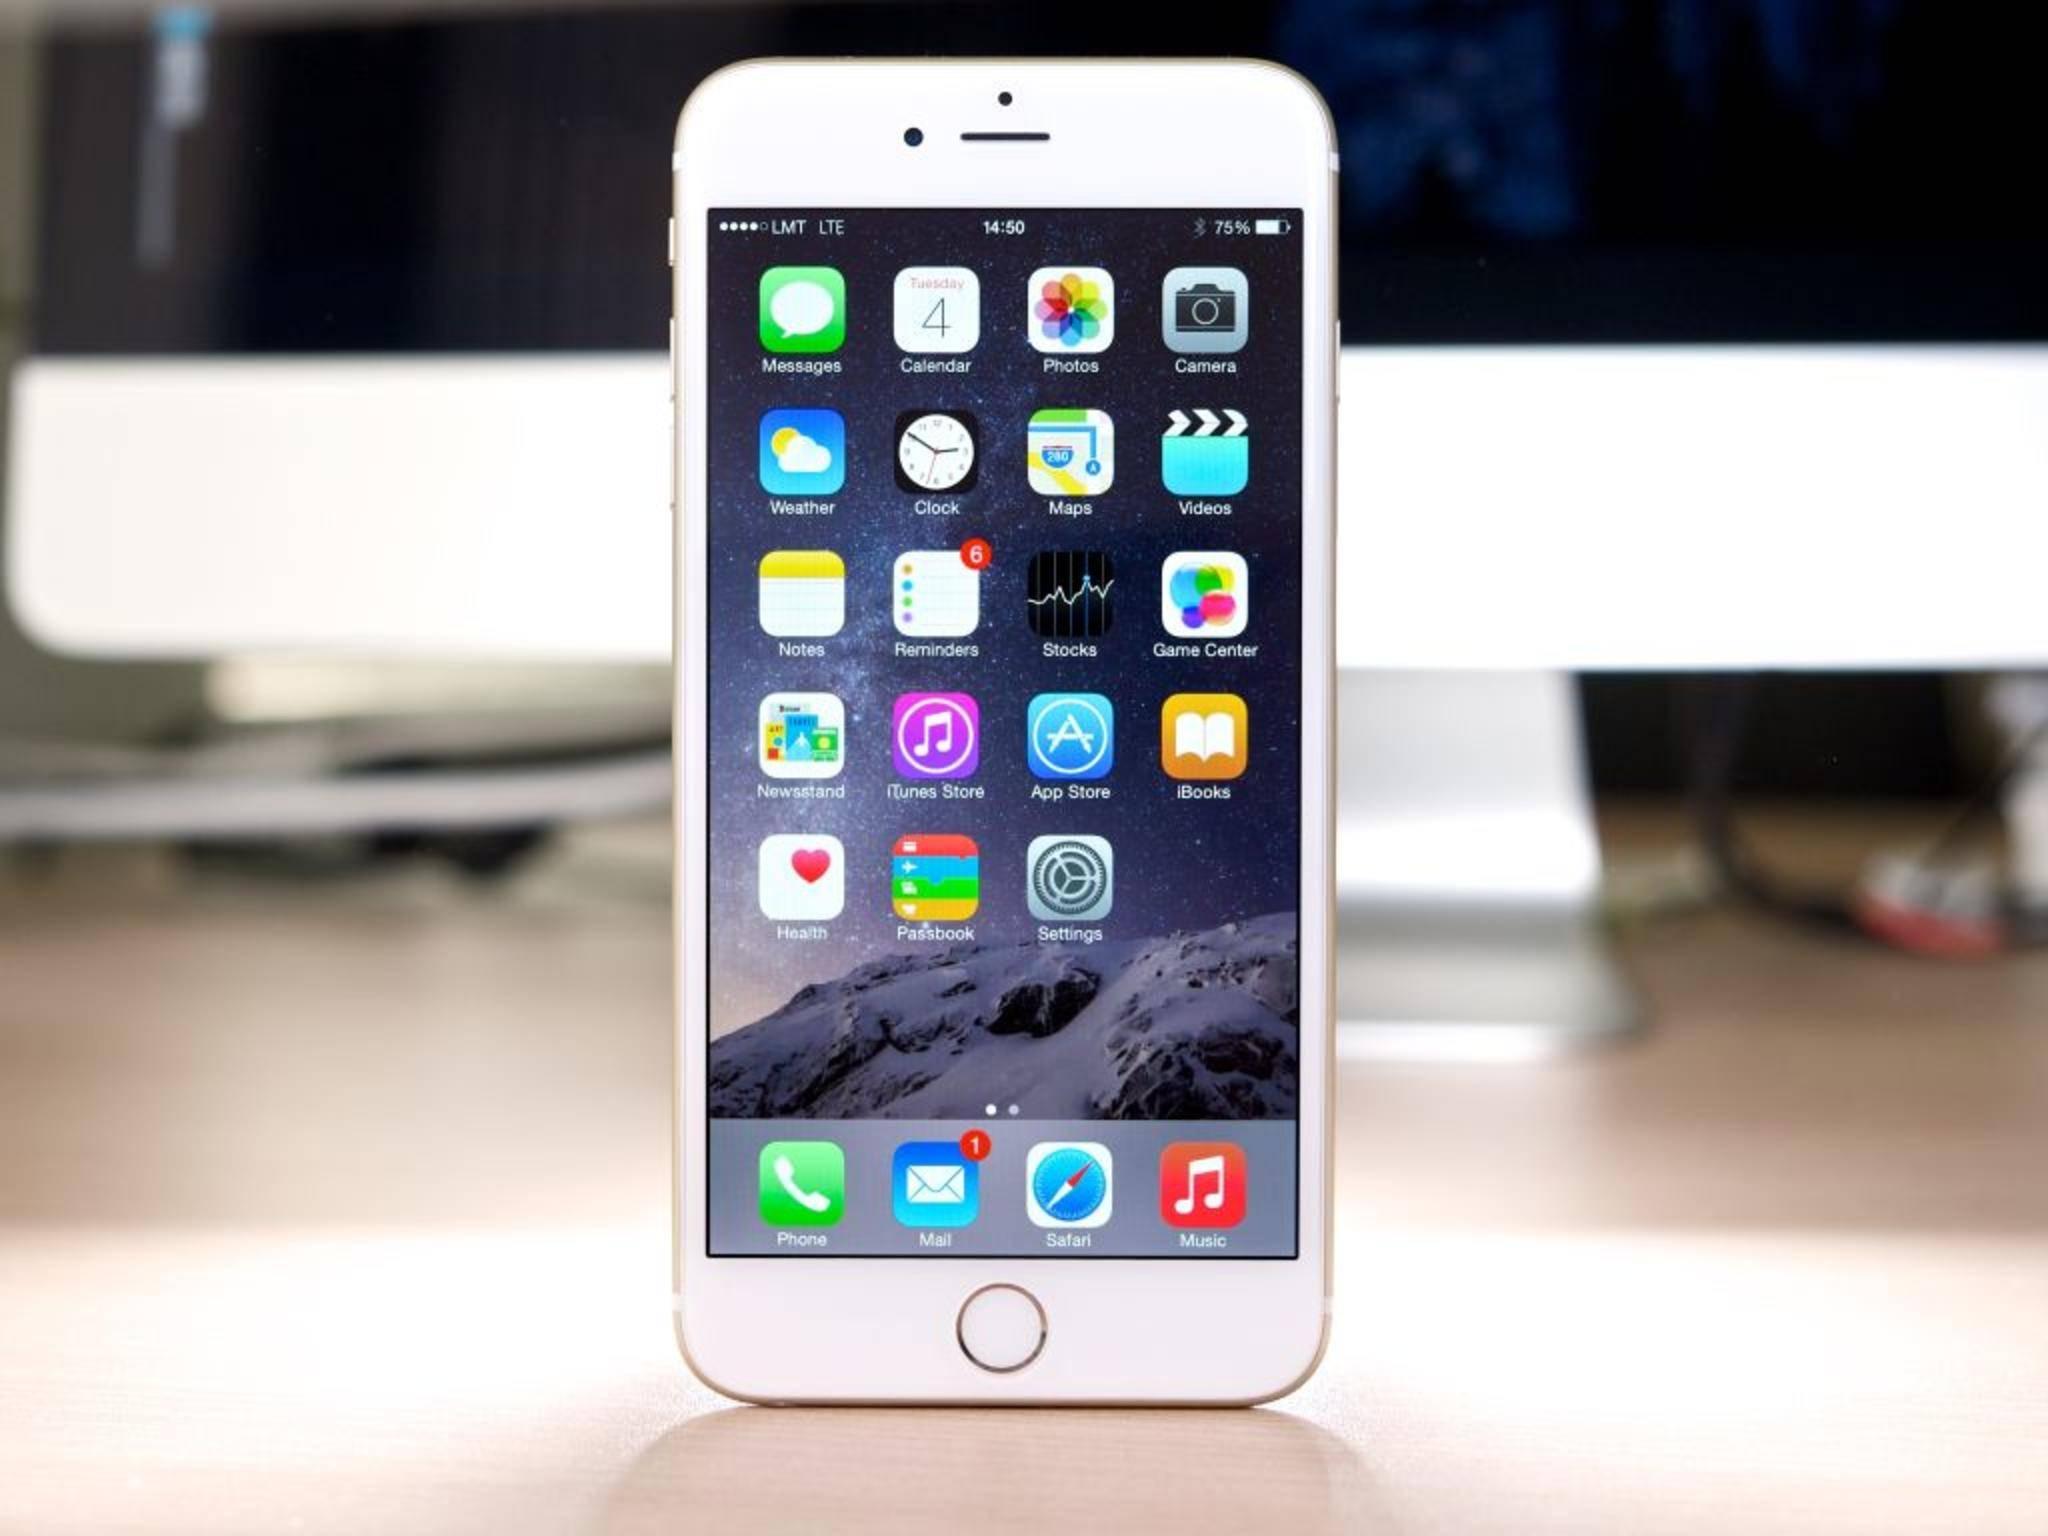 Mit einer simplen Datumseinstellung kann das iPhone zum Absturz gebracht werden.